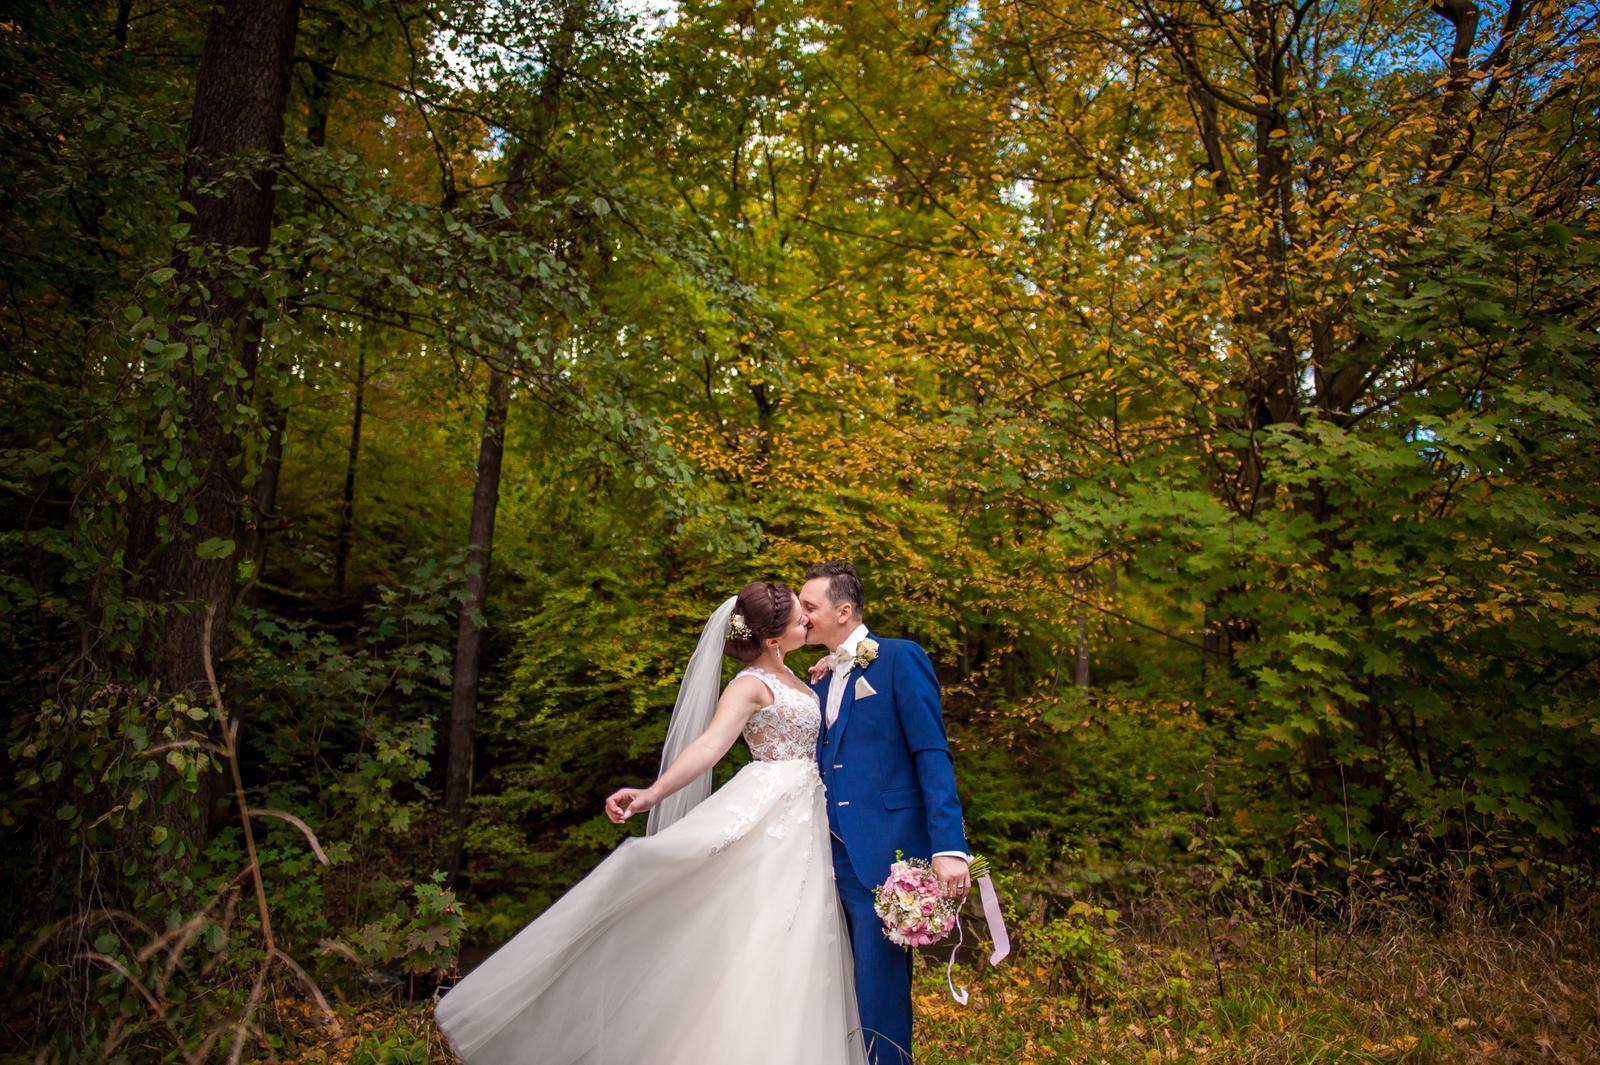 Wedding ♥ - Obrázek č. 74